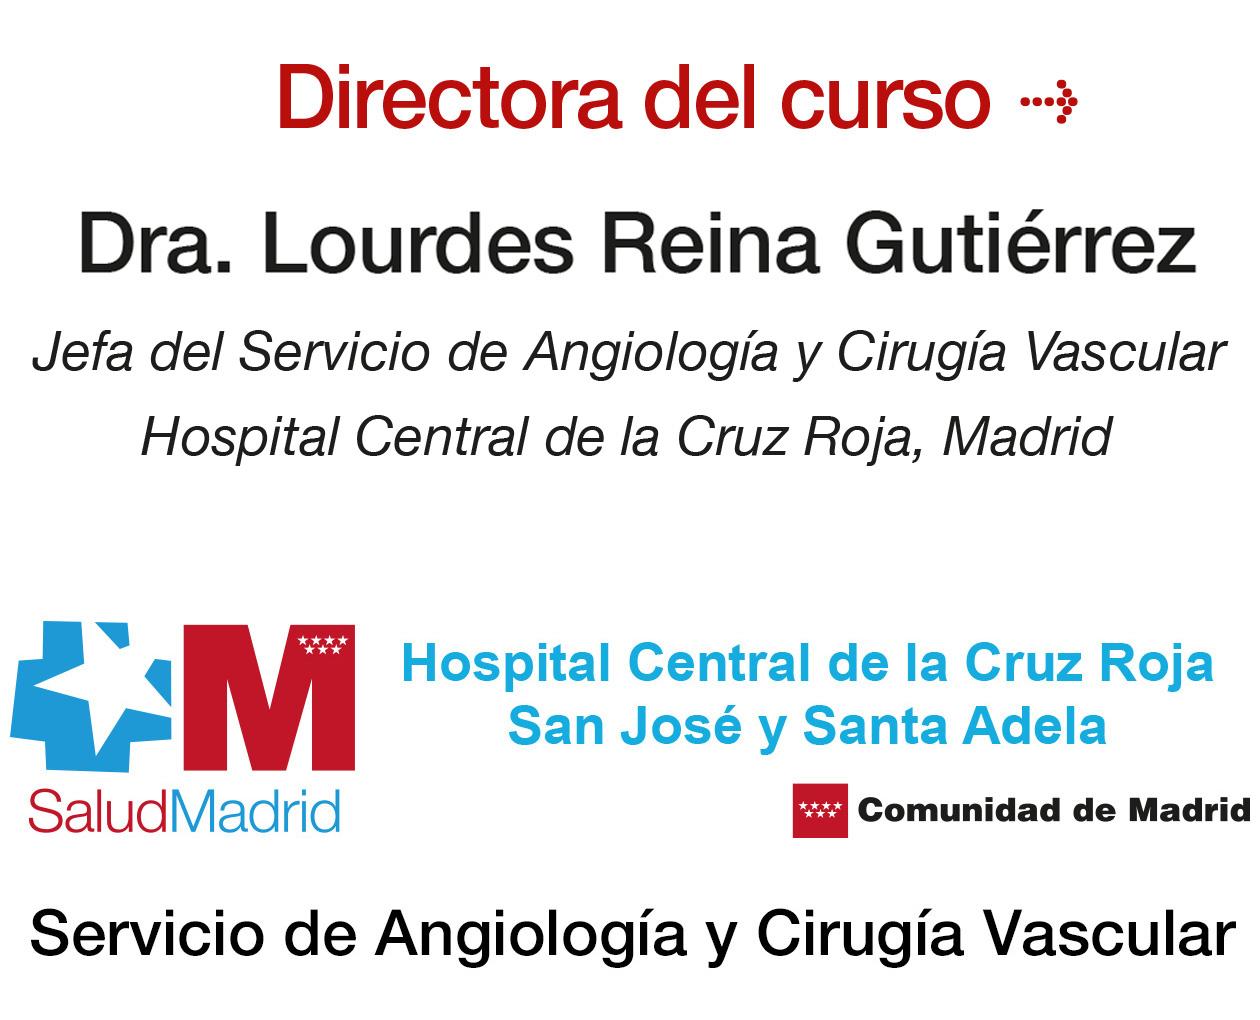 Hospital Central de la Cruz Roja San José y Santa Adela